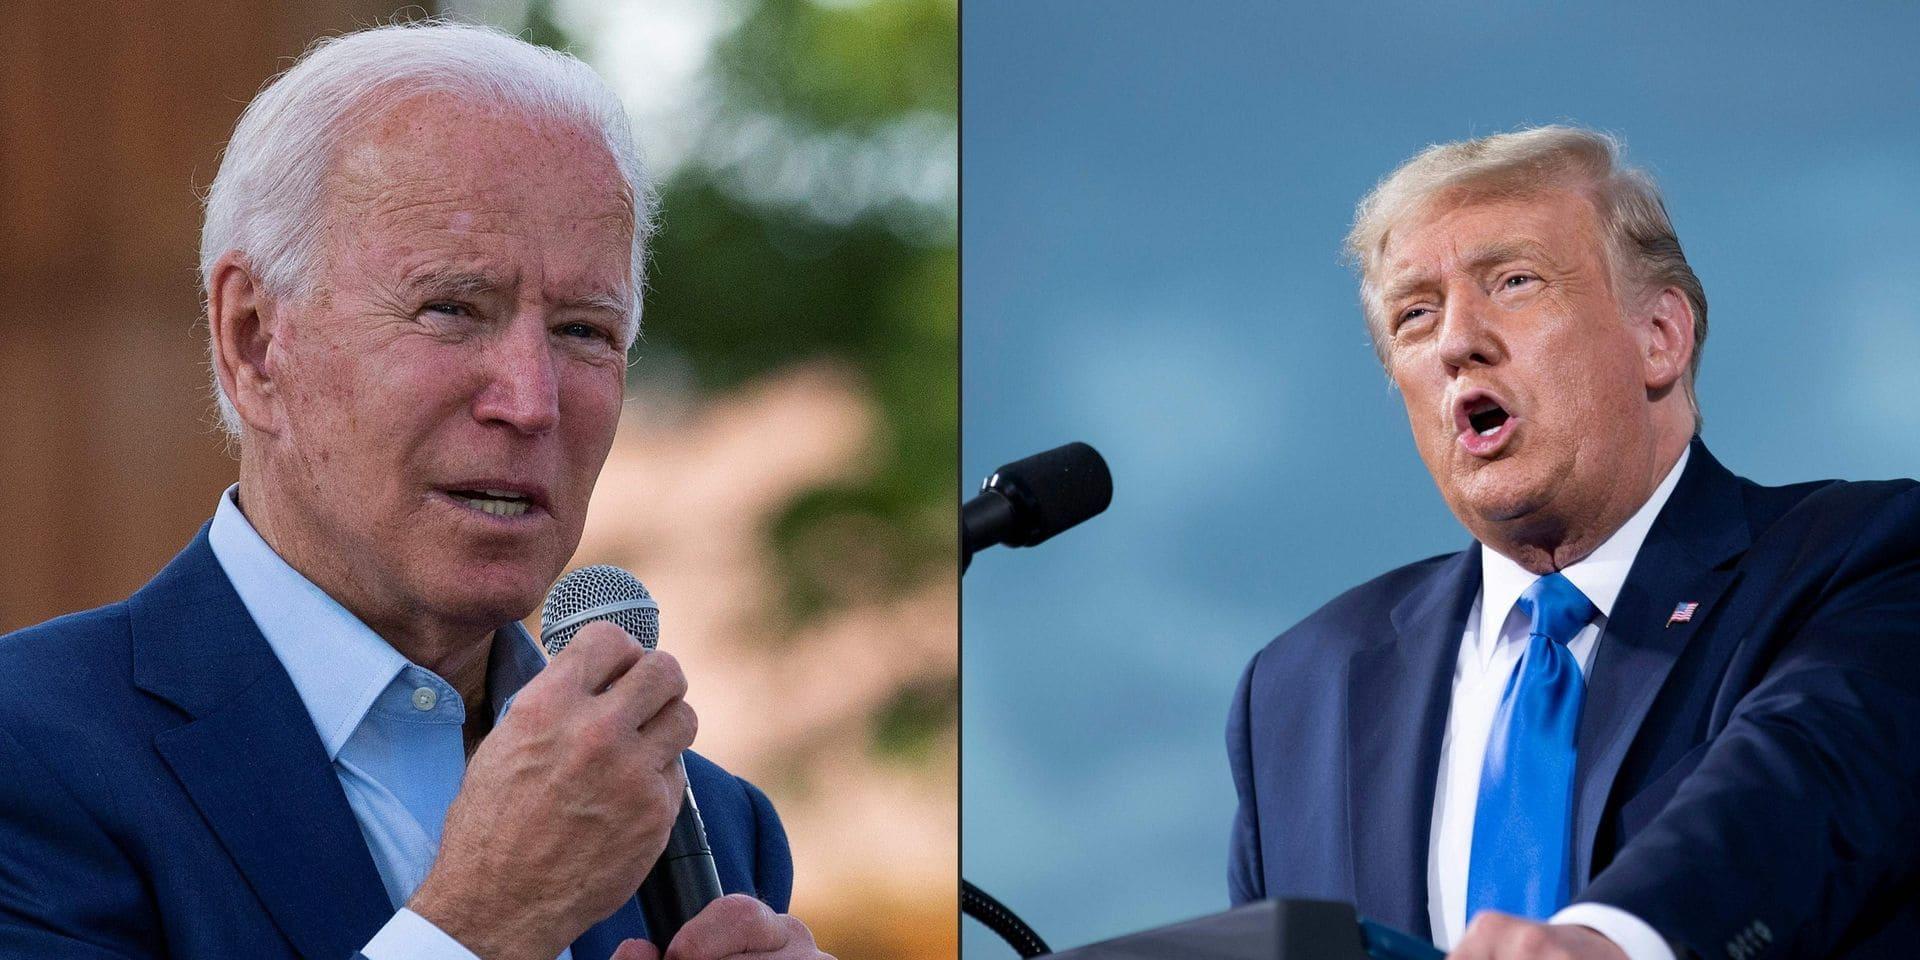 Donald Trump réclame que Biden fasse un test antidopage avant ou après leur premier débat